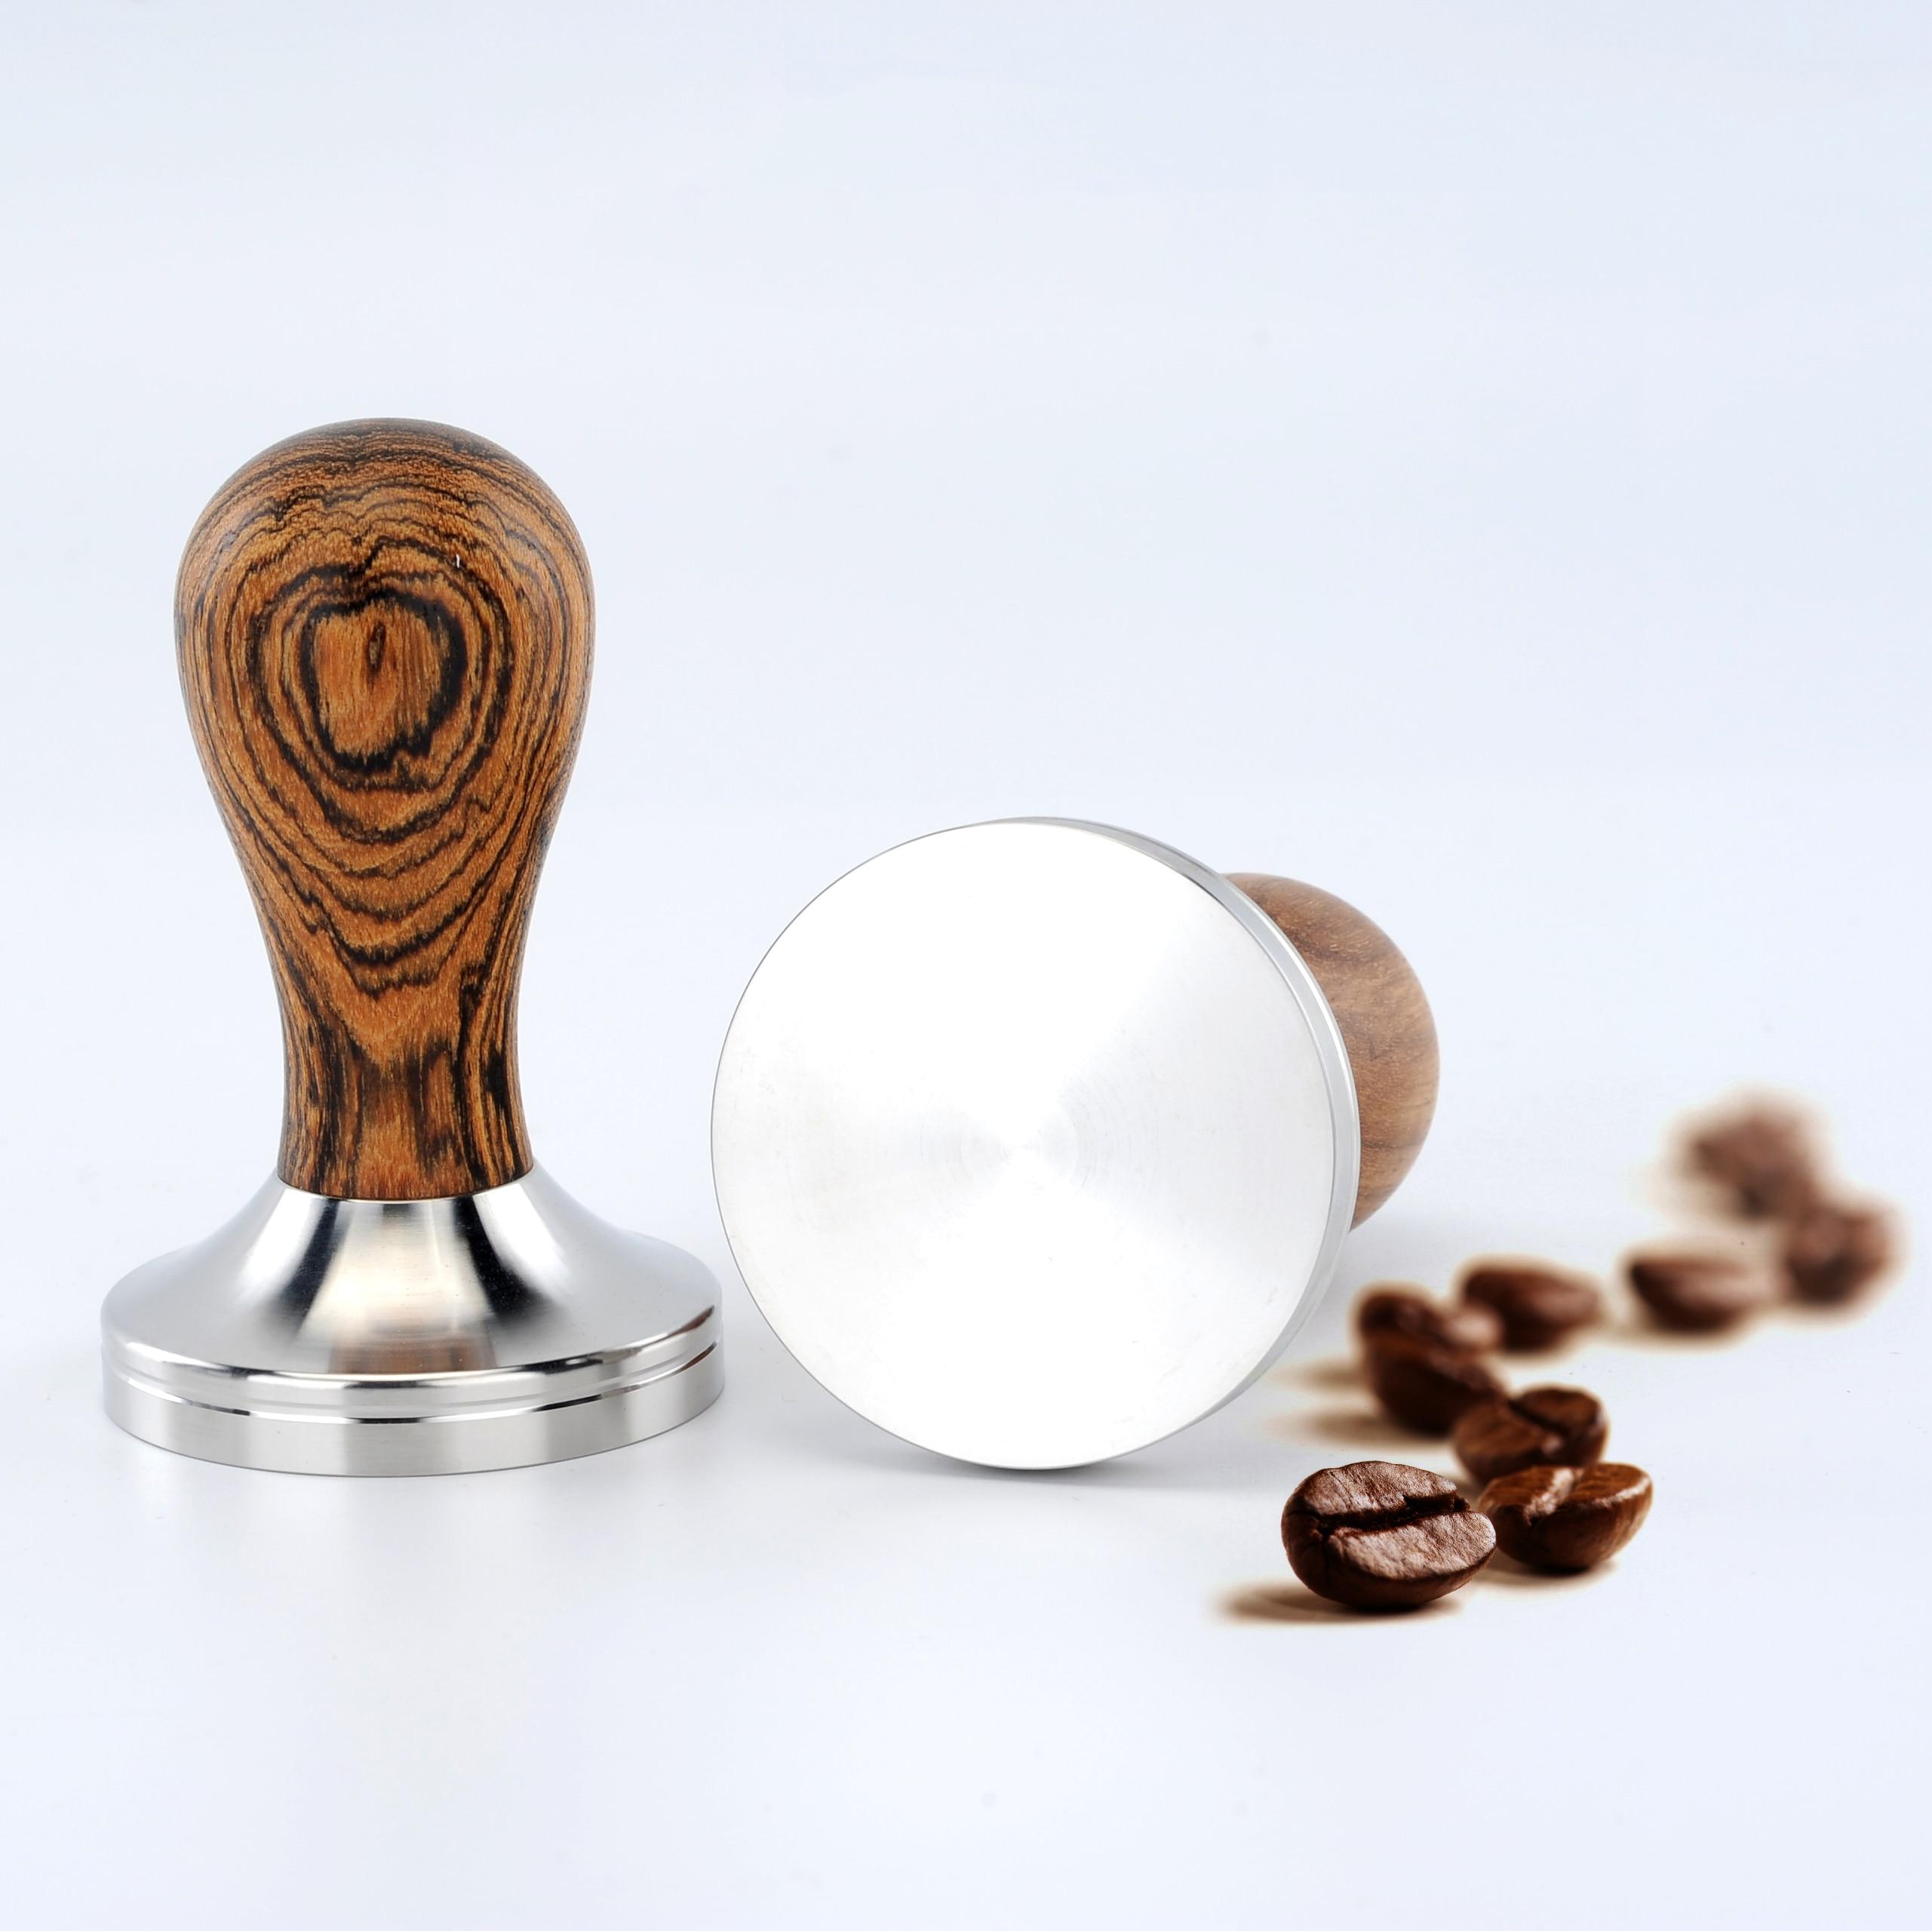 القهوة عبث الذهبي خشب الصندل مقبض الفولاذ المقاوم للصدأ 51/53/54/58 مللي متر القهوة مسحوق مطرقة إسبرسو مقهى باريستا شحن مجاني